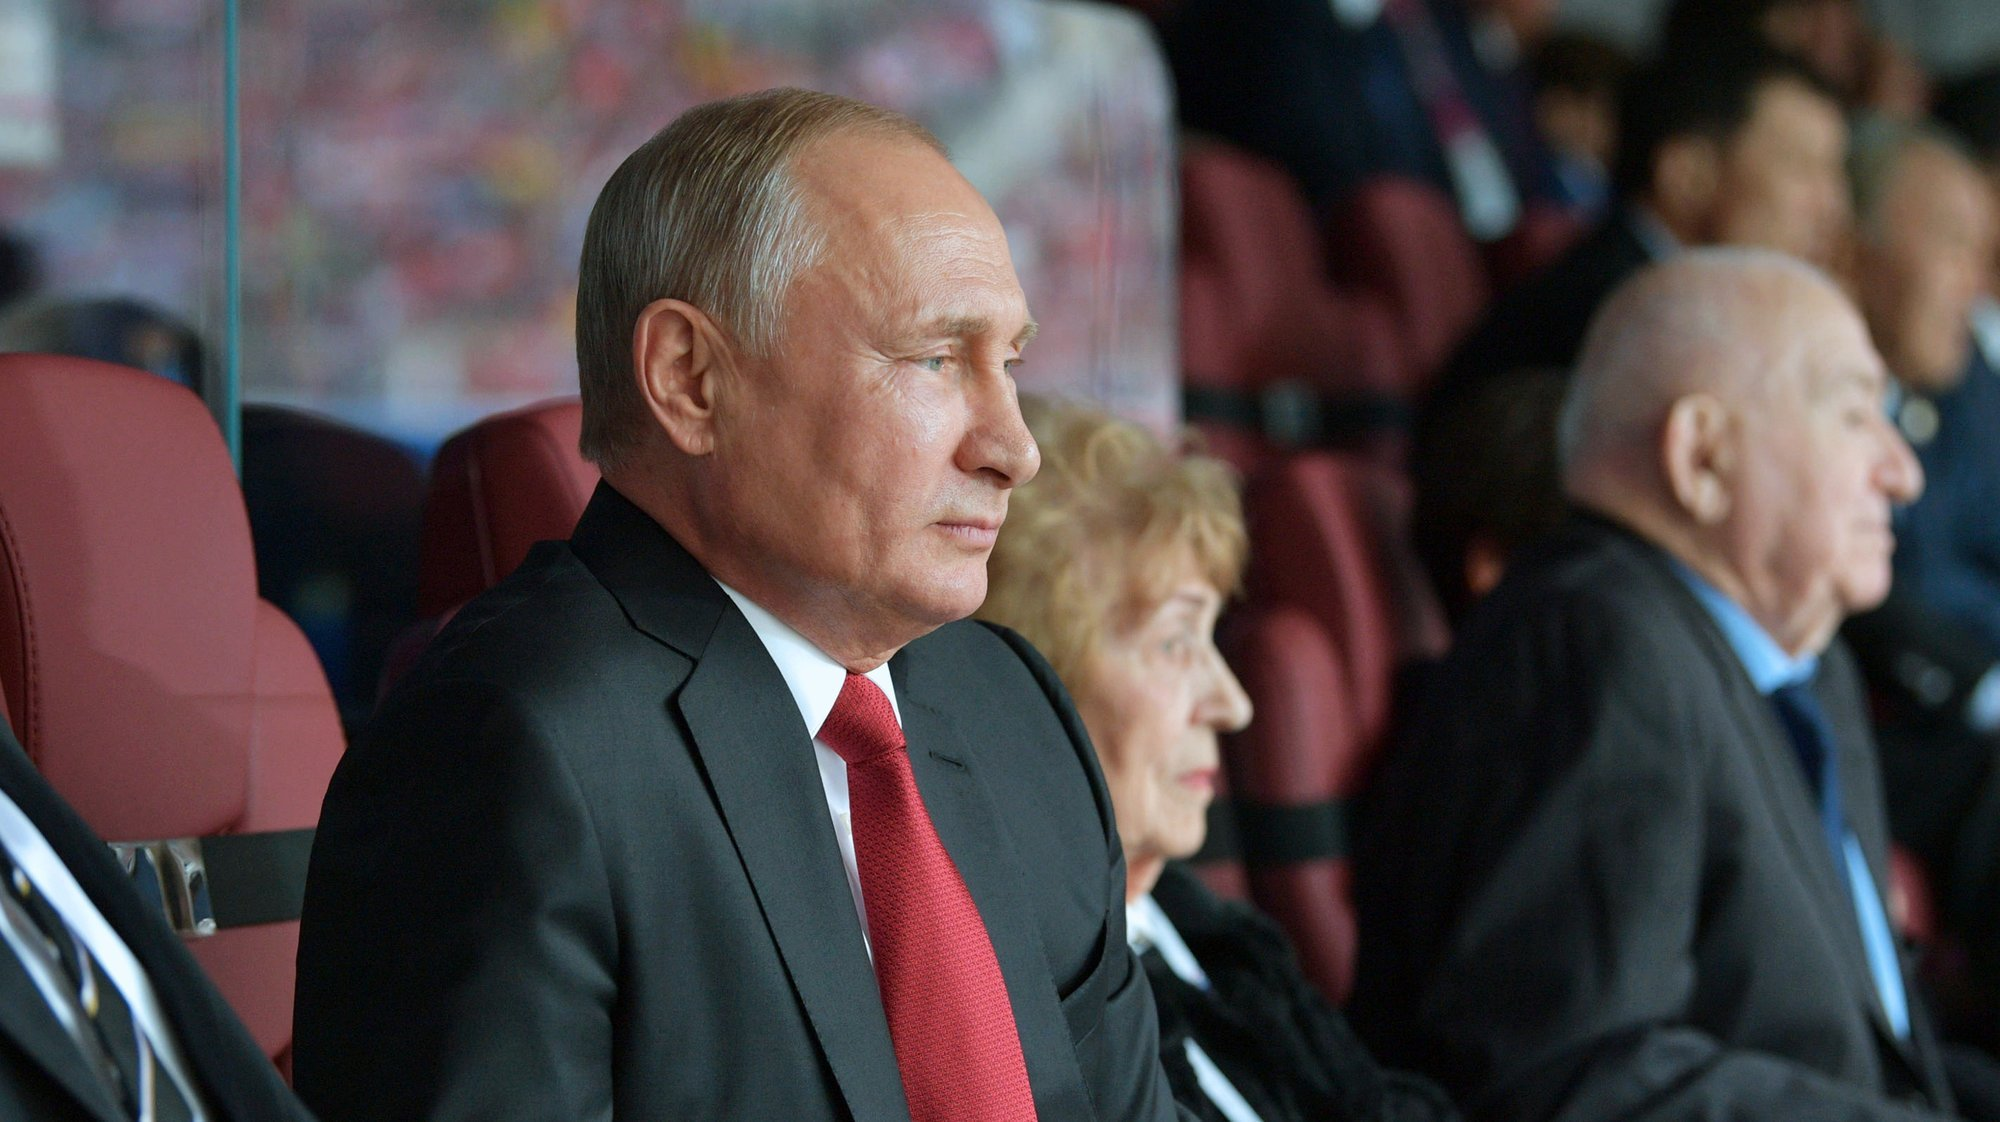 Ефект доміно: чому Путін не відпустить Україну, чого він насправді боїться